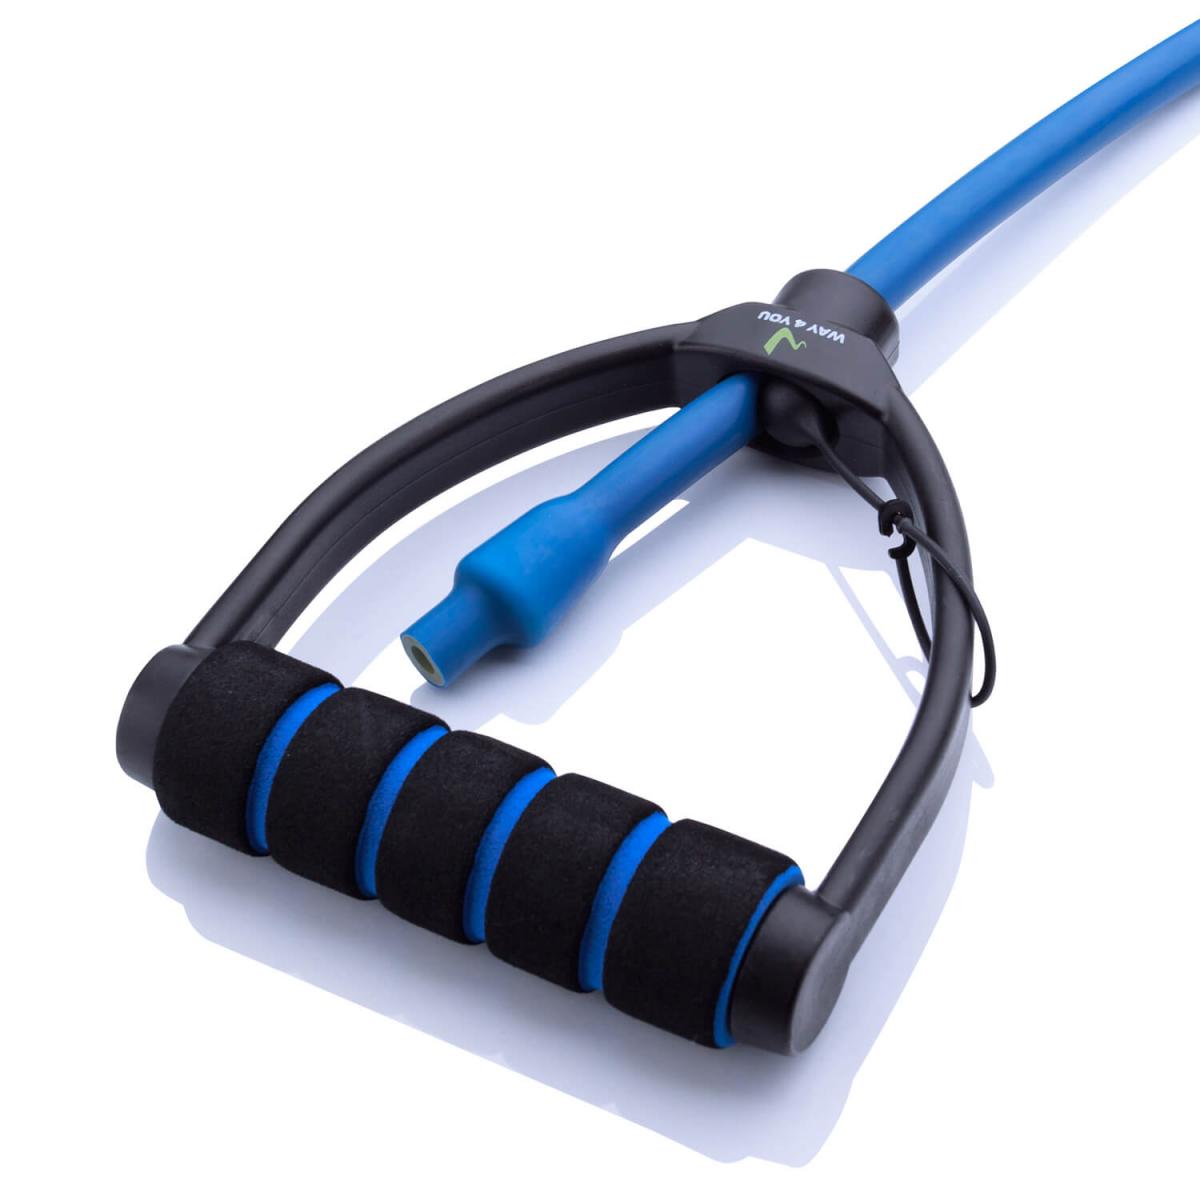 Фитнес-резинка: преимущества, примеры упражнений